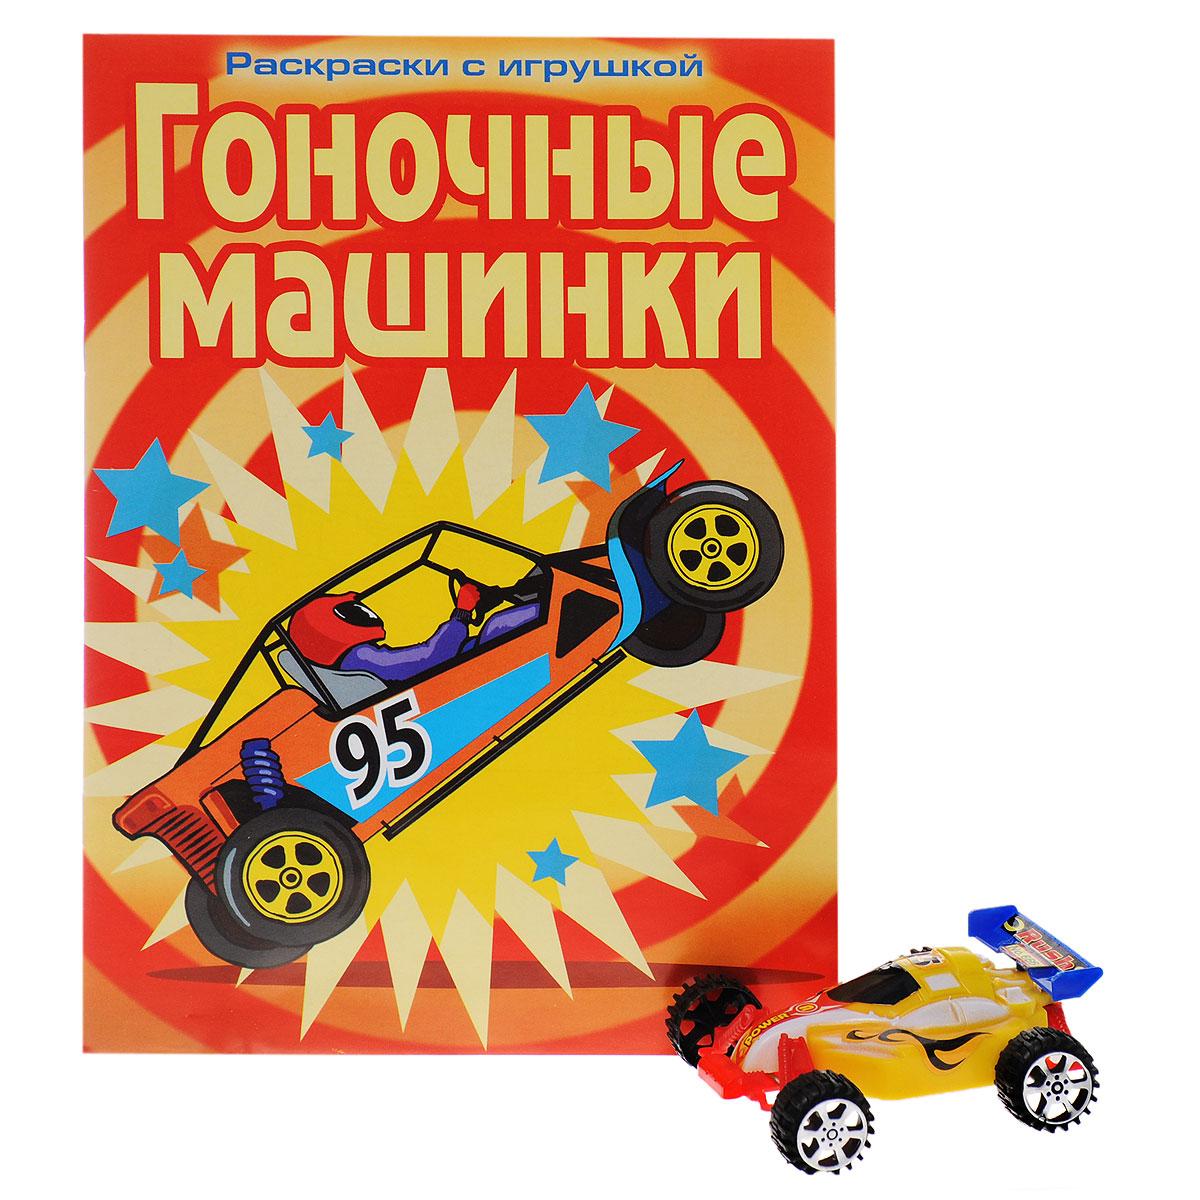 Гоночные машинки. Раскраска (+ игрушка) ( 978-5-905777-35-6 )